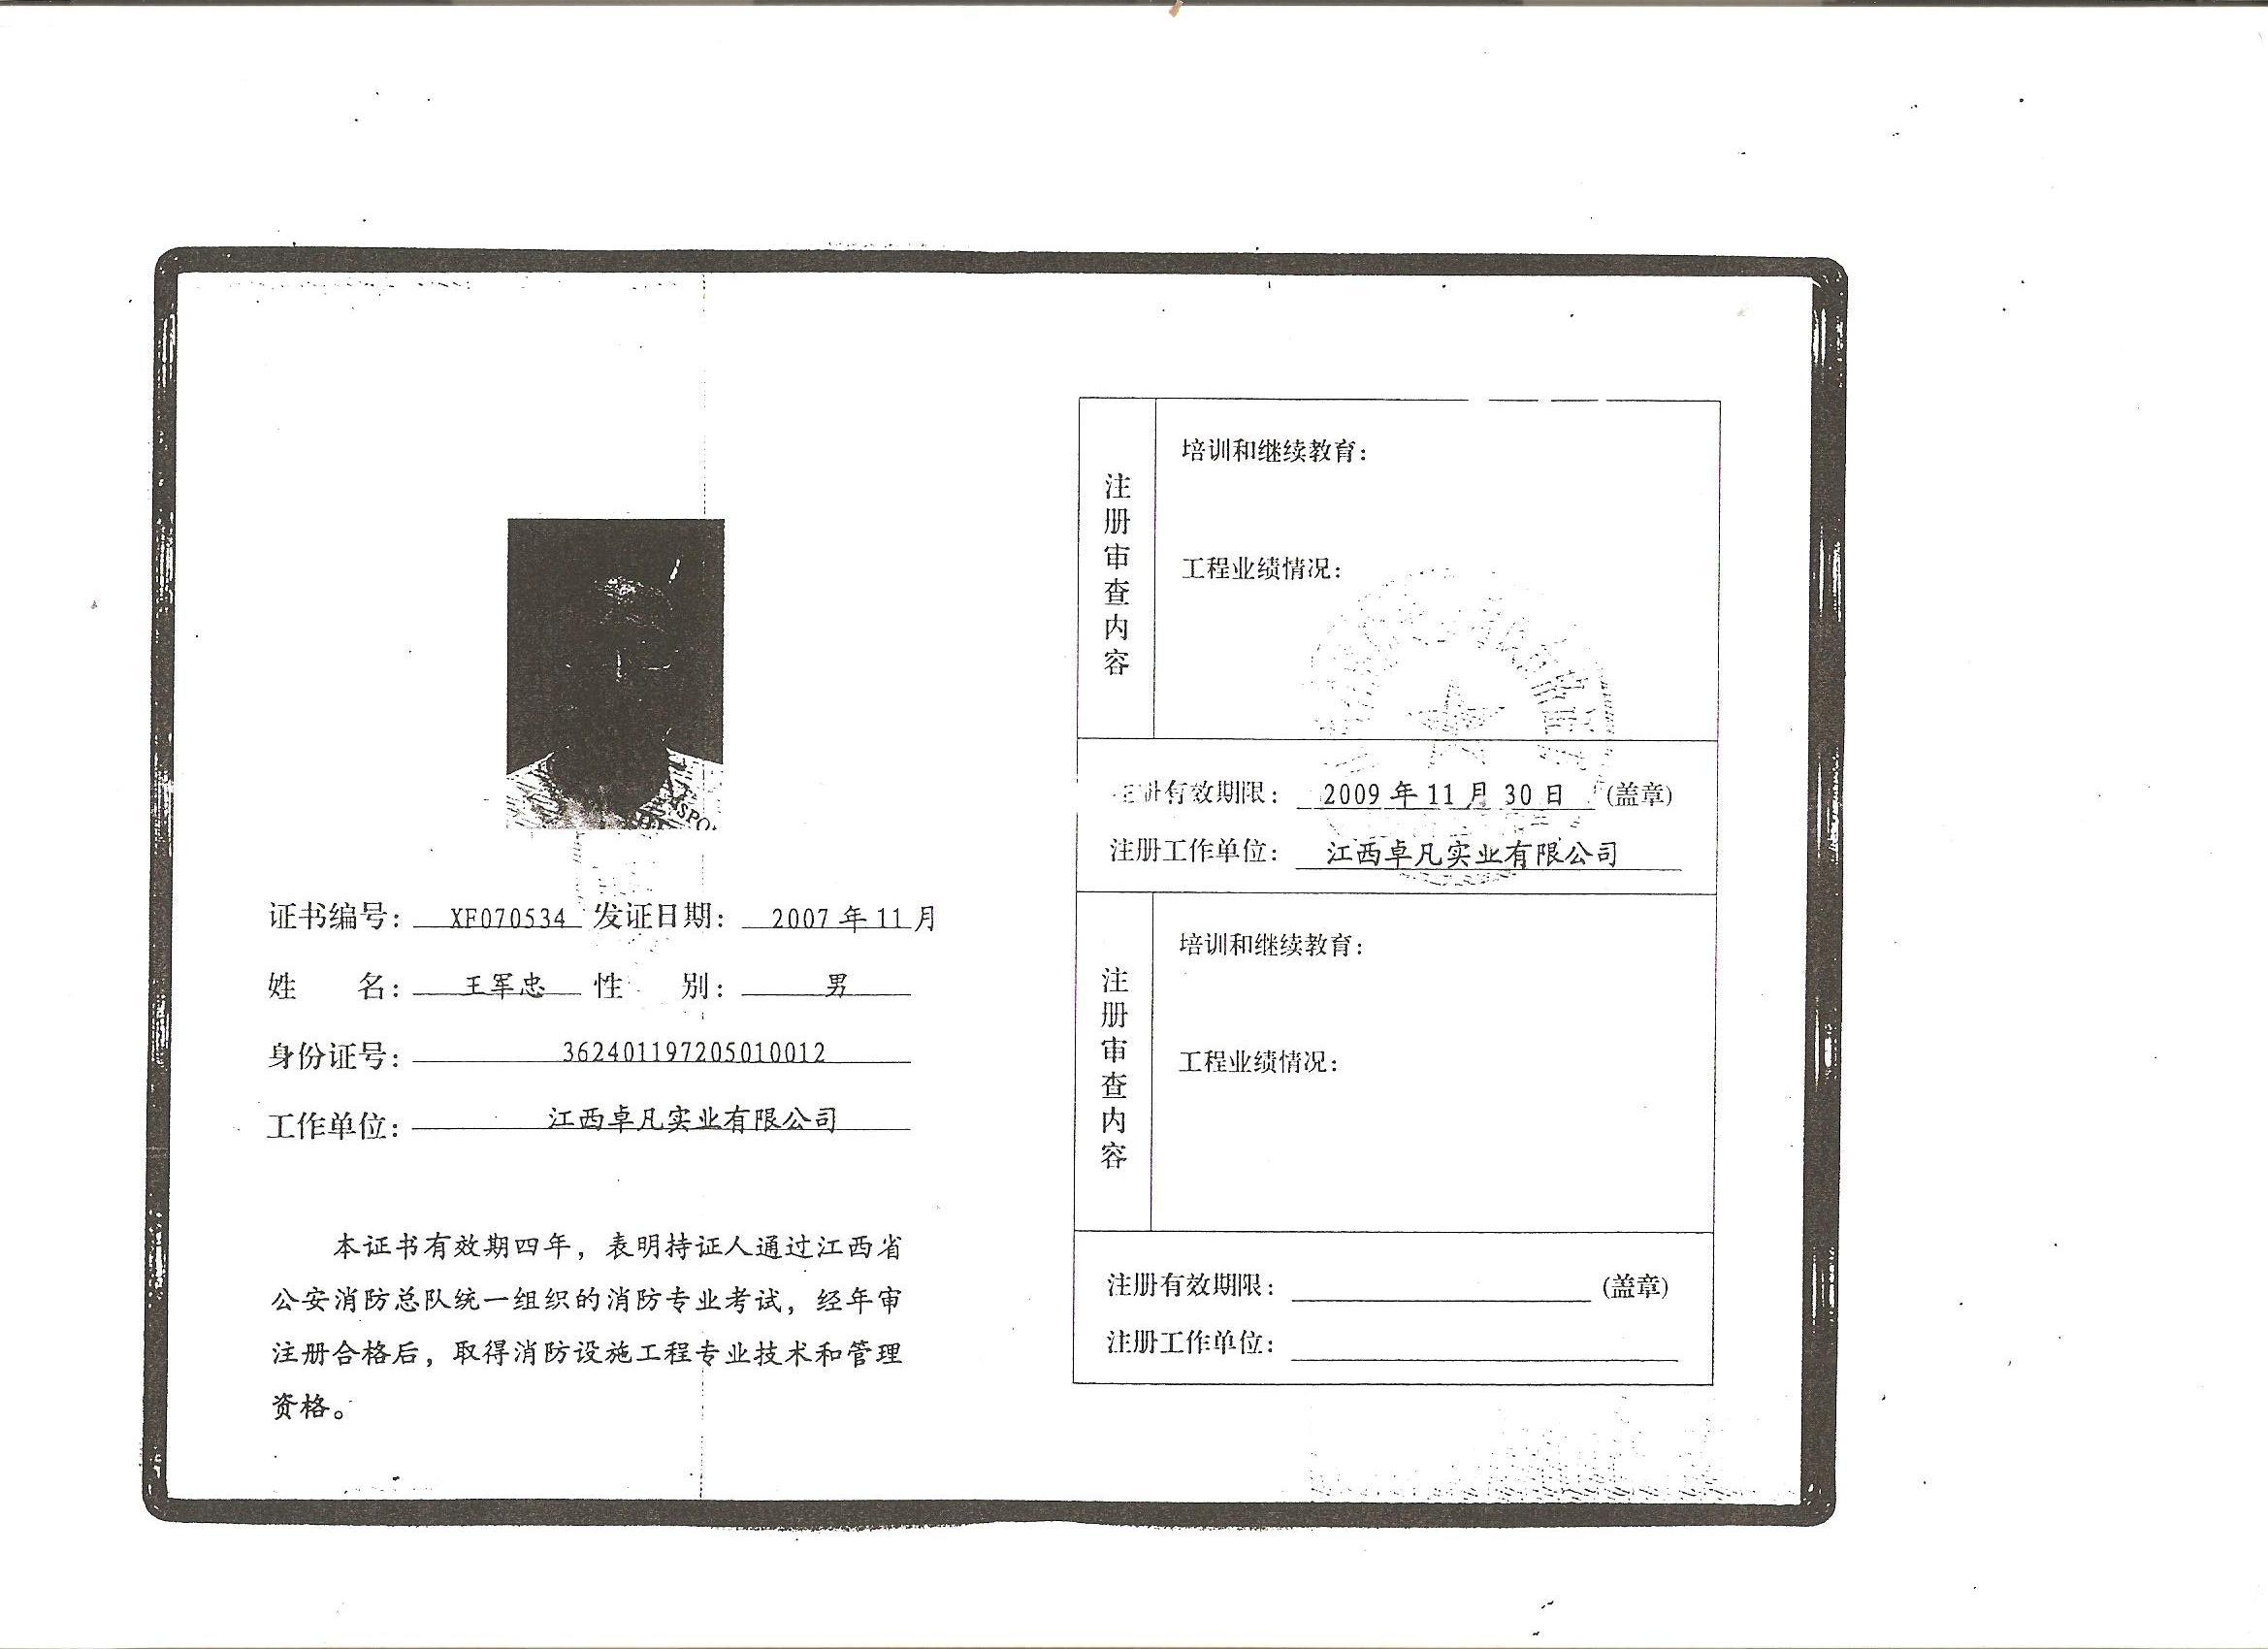 消防设施工程专业技术和管理资格证书. (证书编号:xf070534)